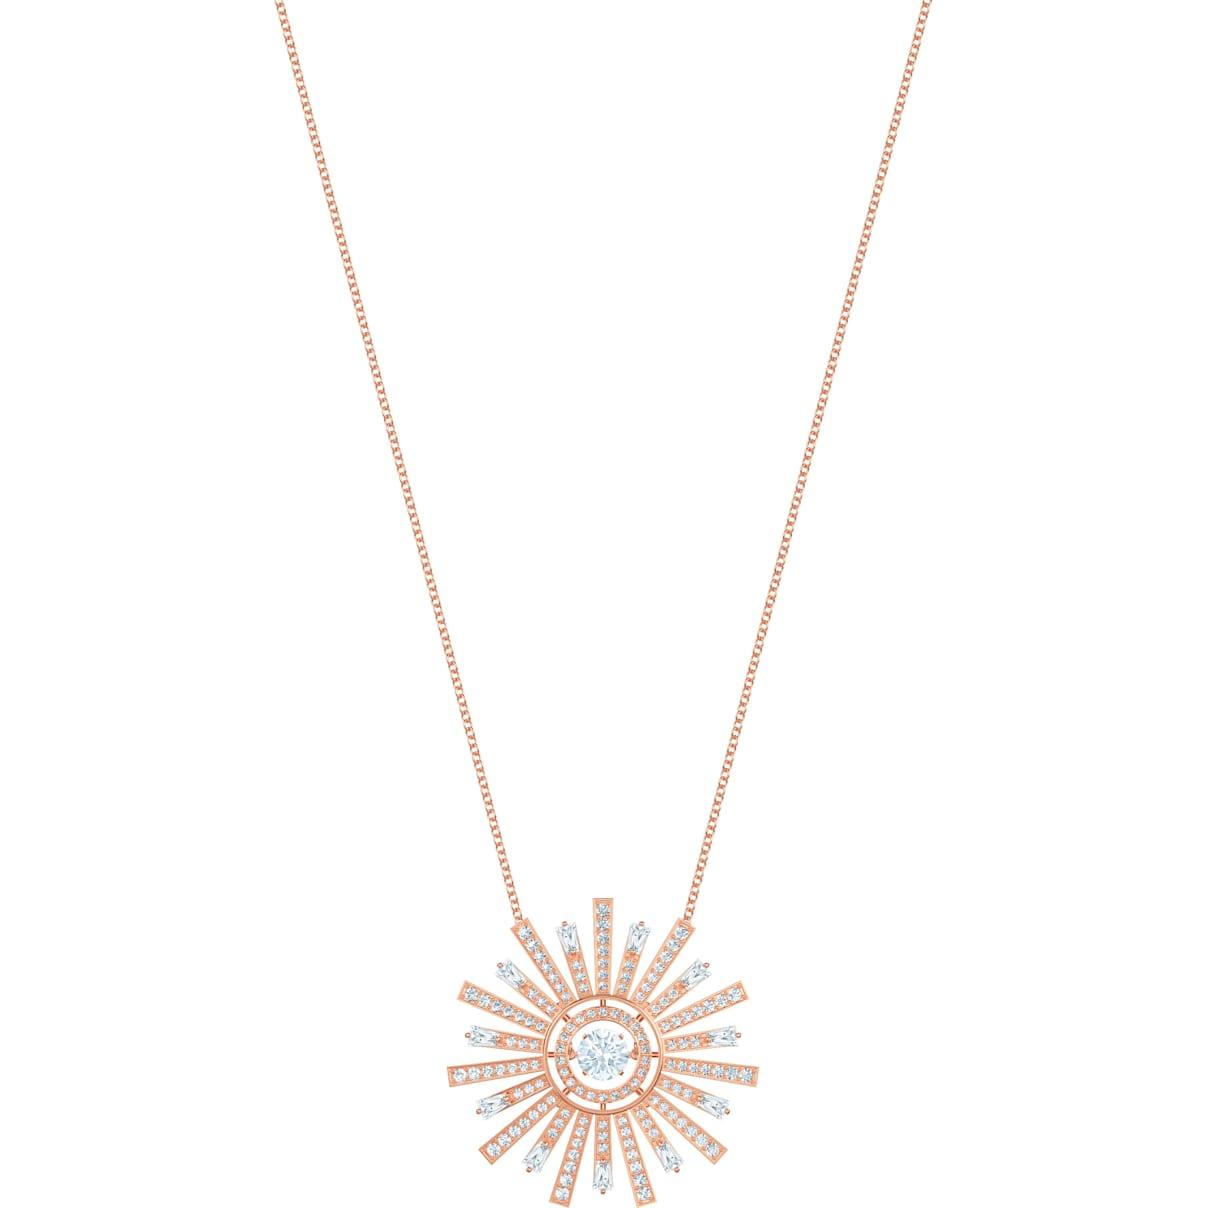 Swarovski Sunshine Necklace, White, Rose-gold tone plated